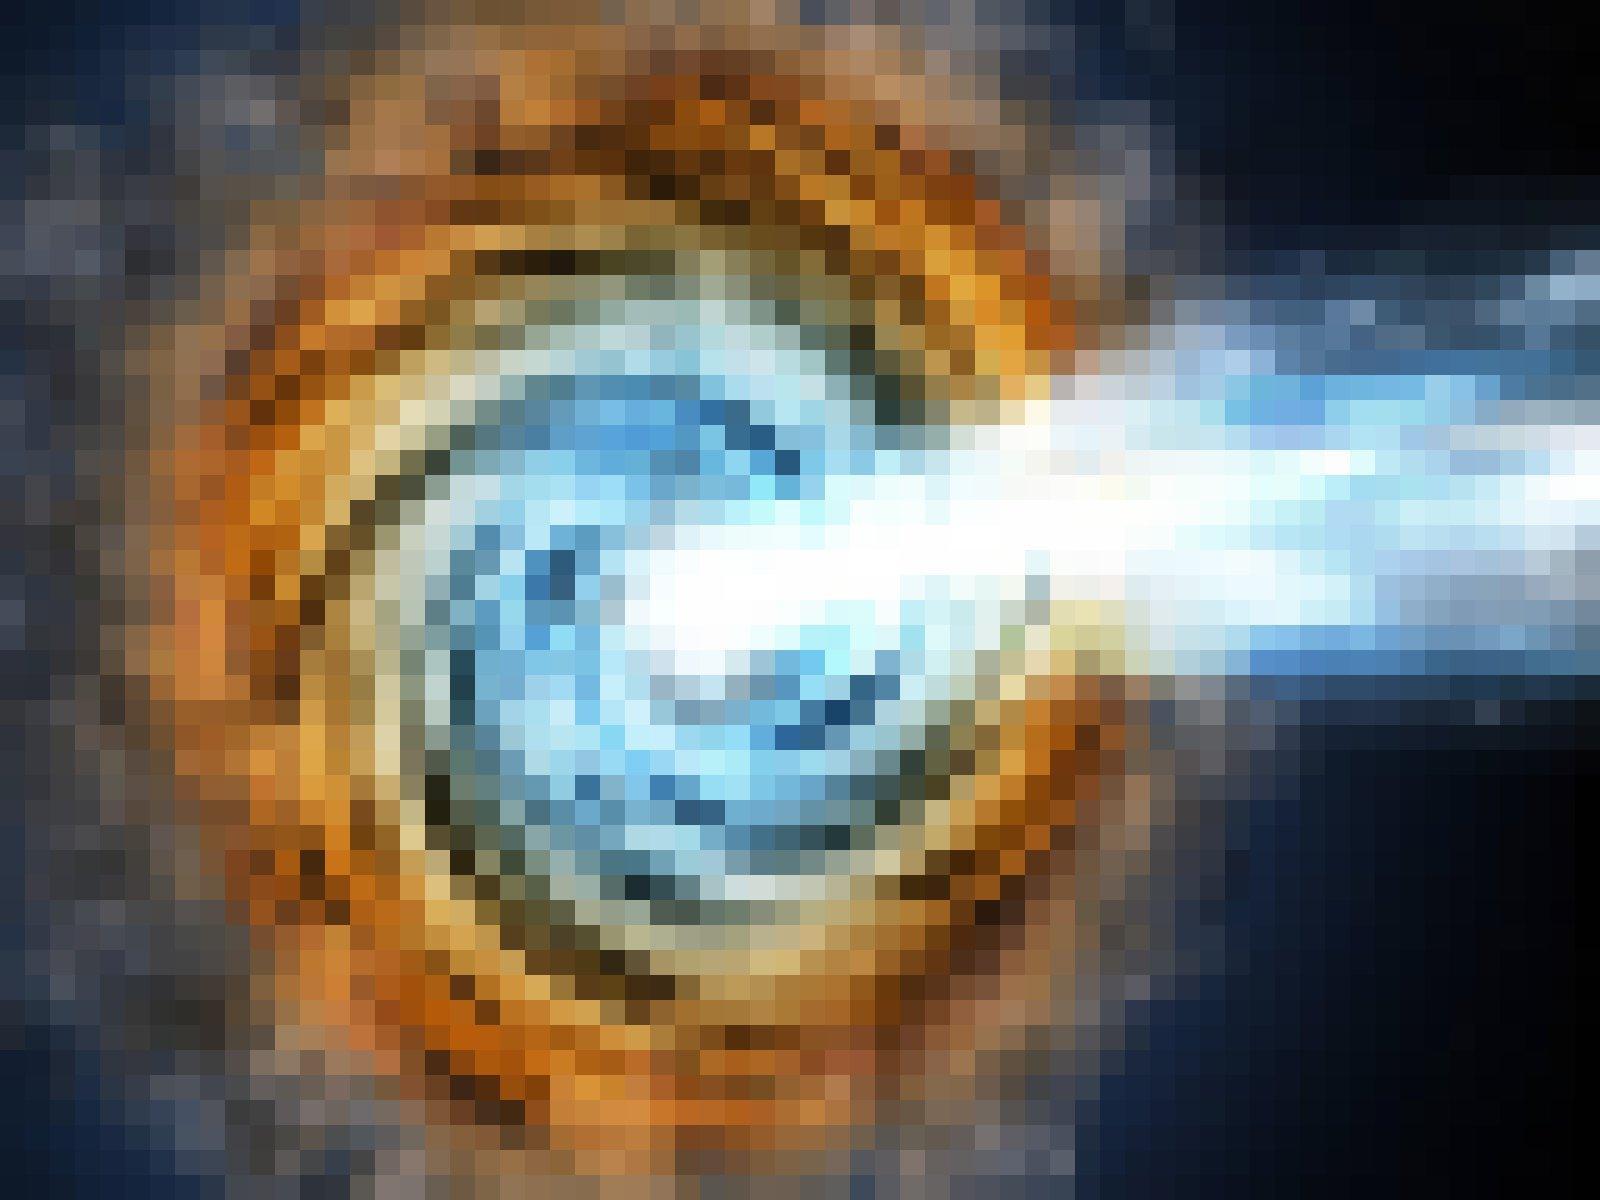 """Illustration eines """"Blazars"""" – eines aktiven supermassiven Schwarzen Loches, dessen Strahlen in Richtung Erde leuchten und der deshalb besonders hell erscheint"""